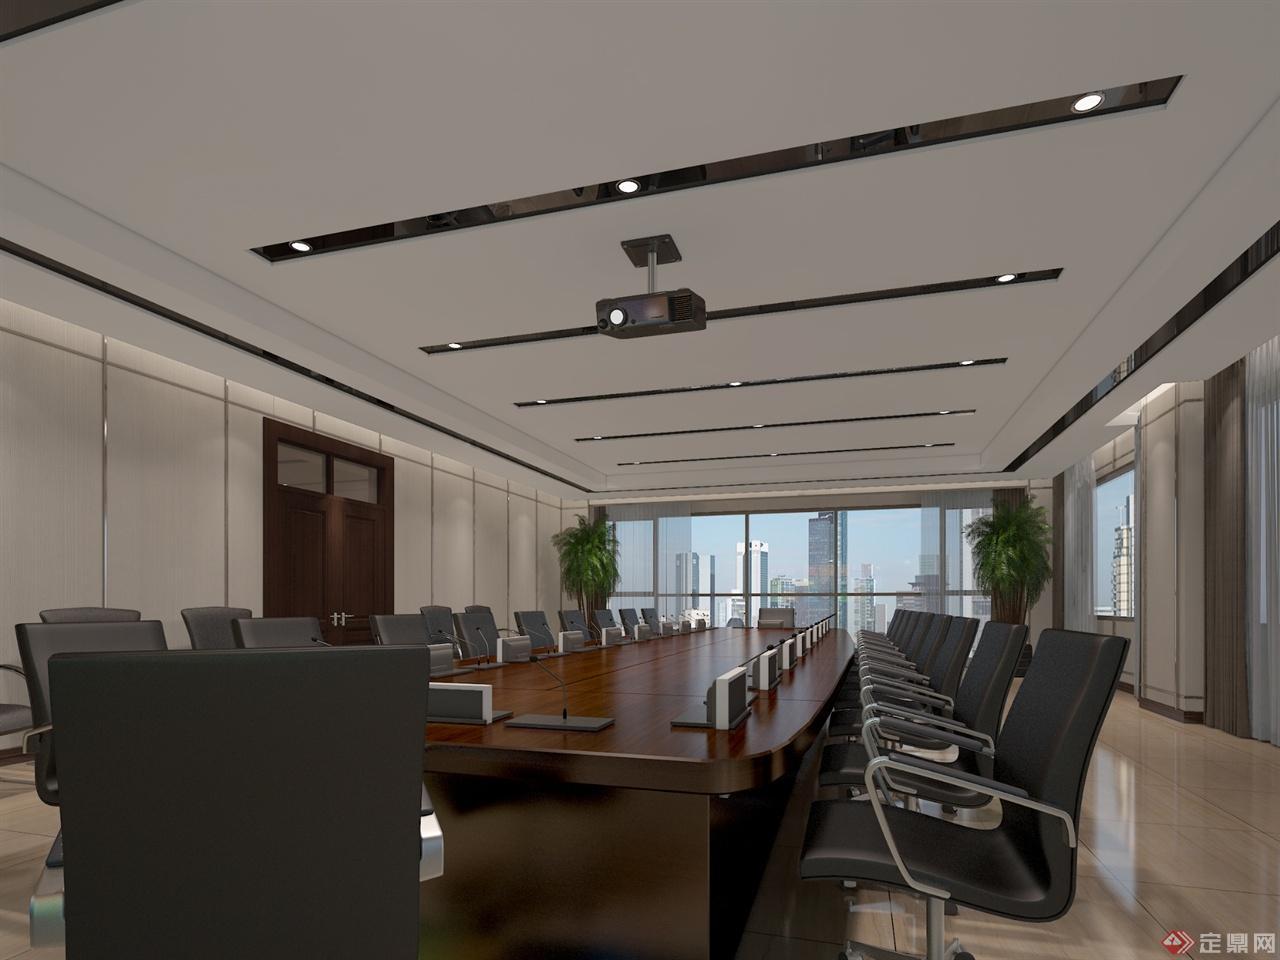 会议室室内效果图